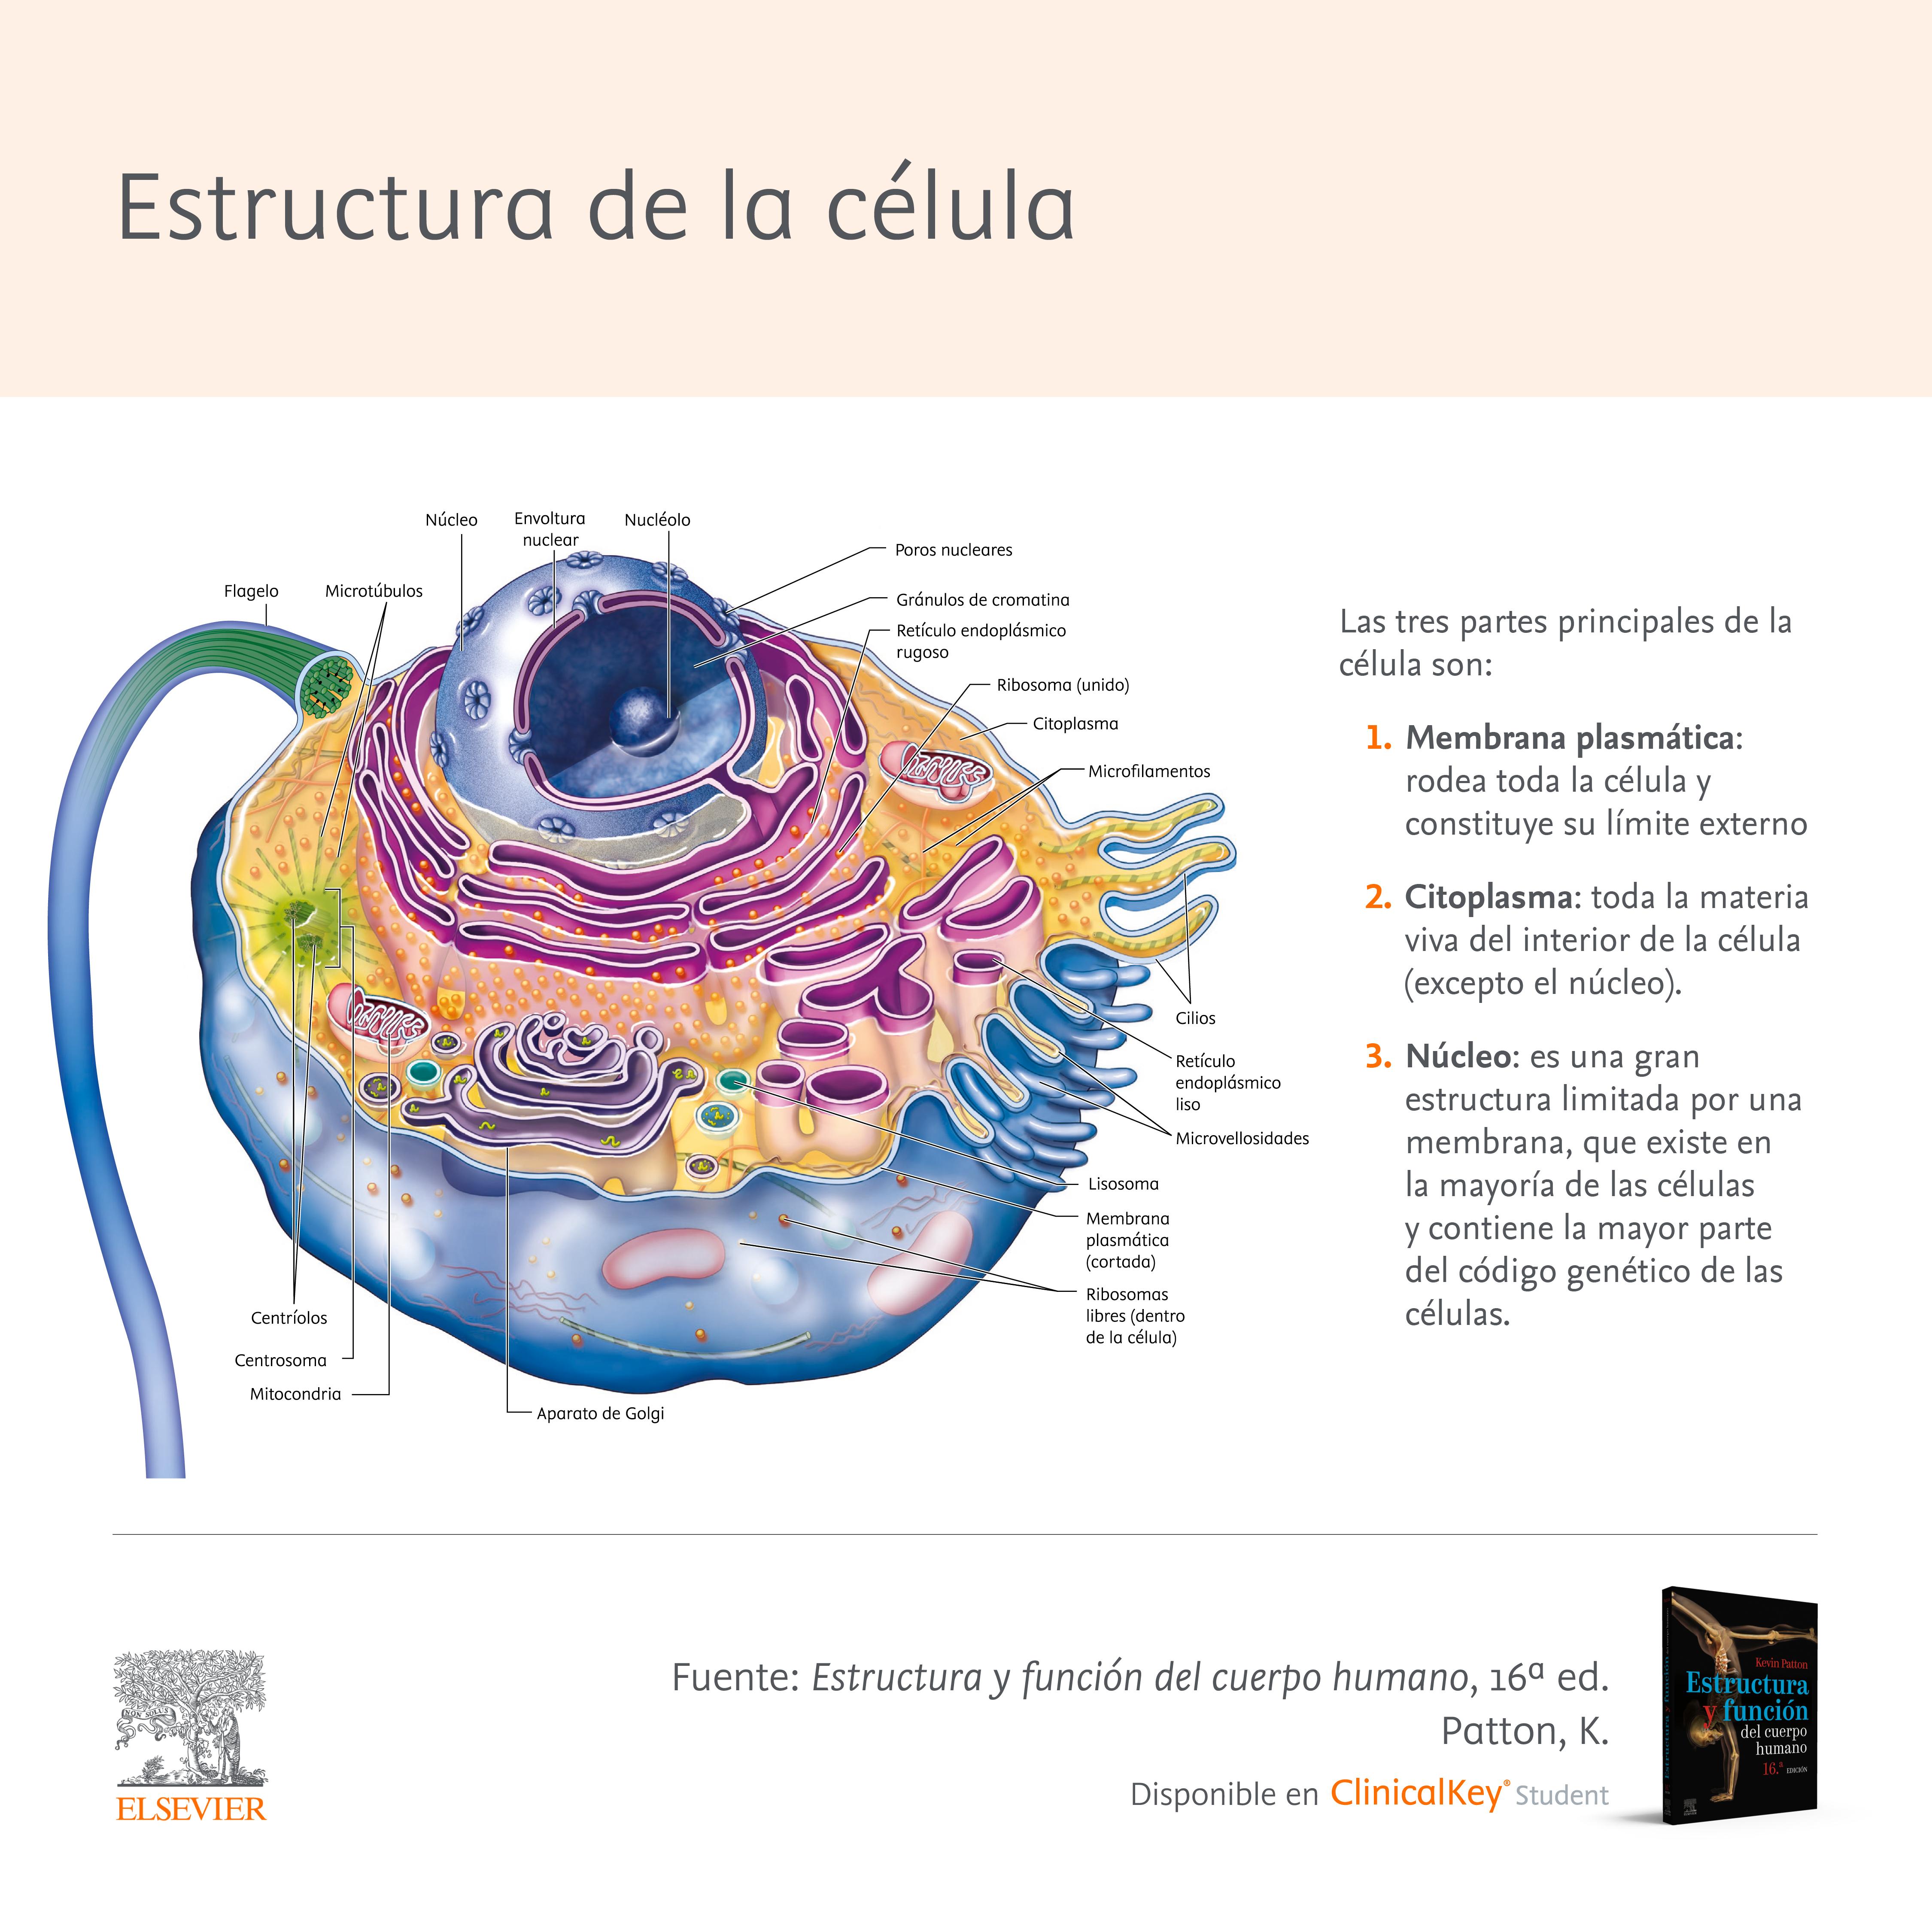 Anatomía y estructura de la célula: tamaño, composición y funciones